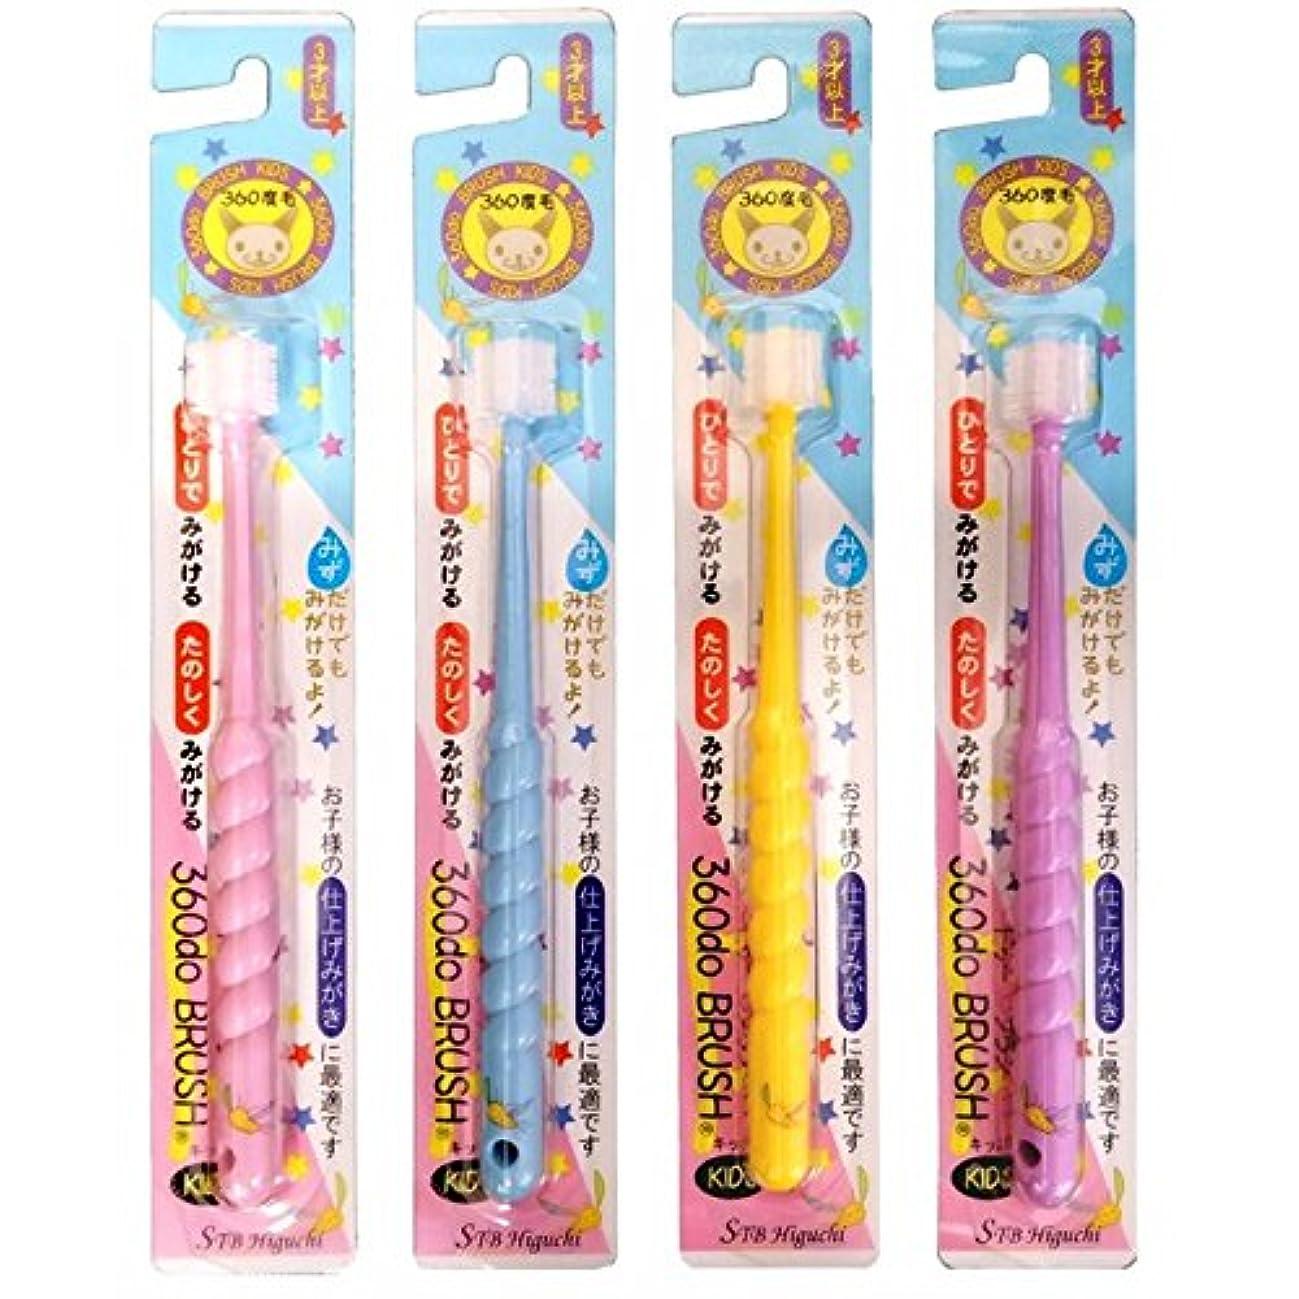 従順な薄めるハイランド360度歯ブラシ 360do BRUSH キッズ(カラーはおまかせ) 10本セット